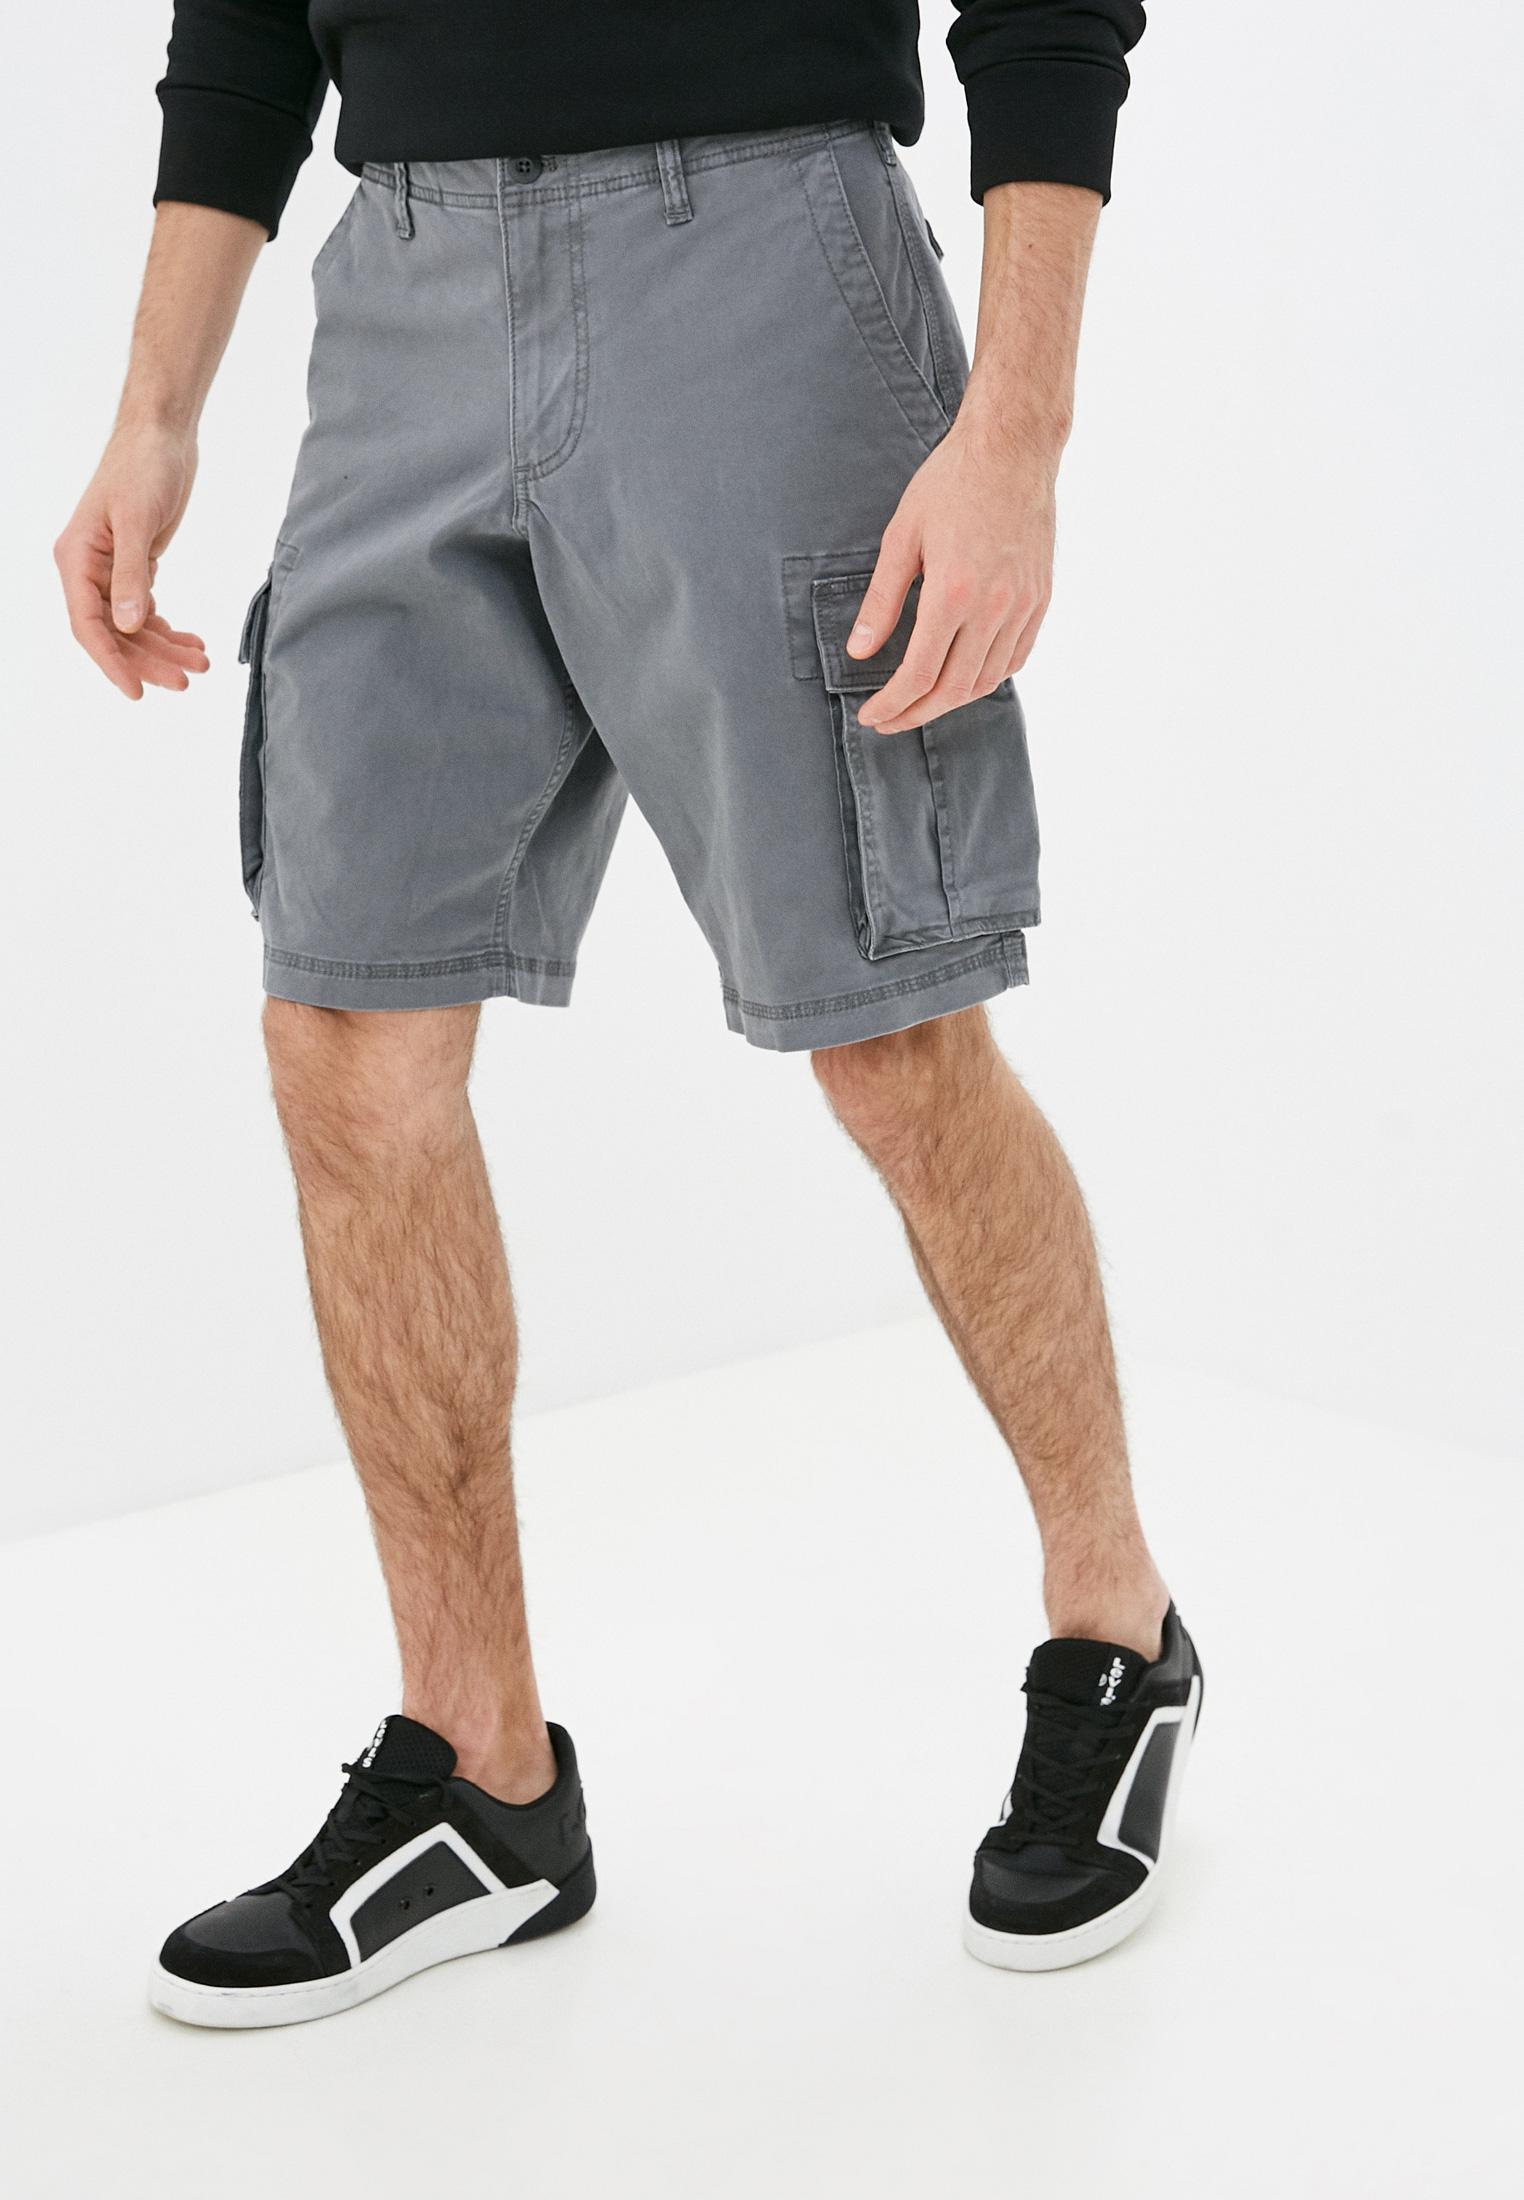 Мужские повседневные шорты Gap 548789